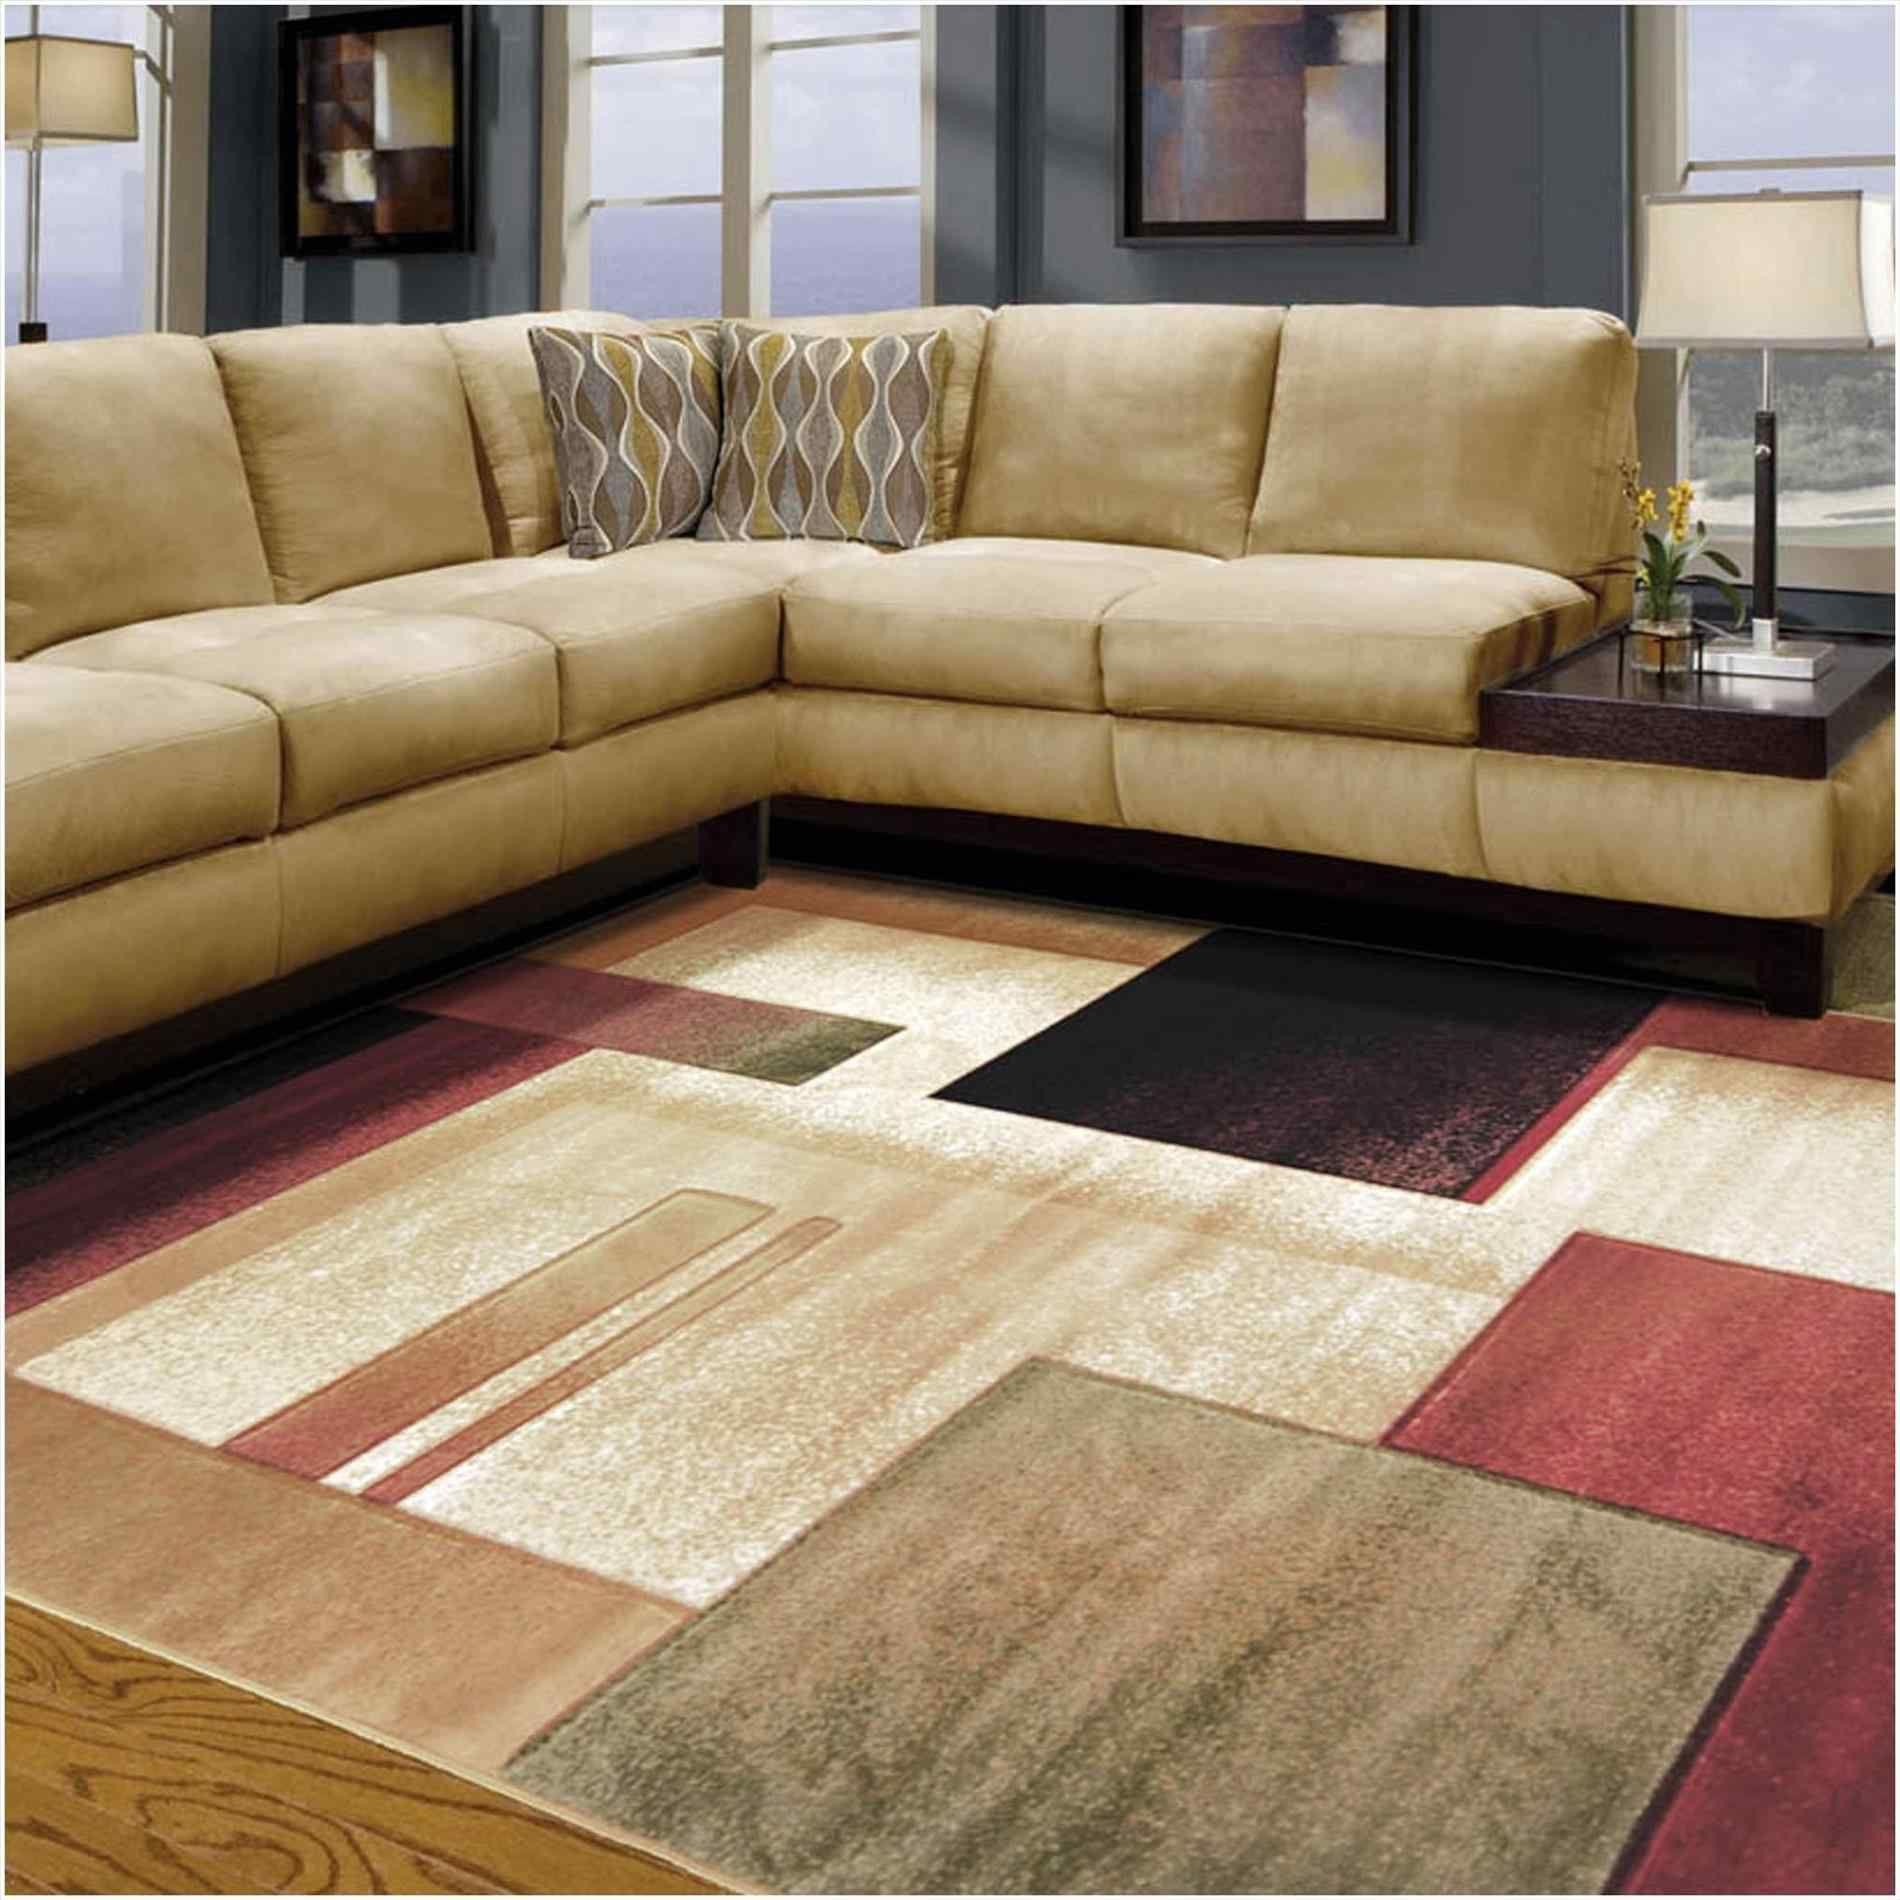 Extra Large Rugs Uk Cheap Dekorasi Ruang Keluarga Desain Ruang Tamu Ide Dekorasi Rumah